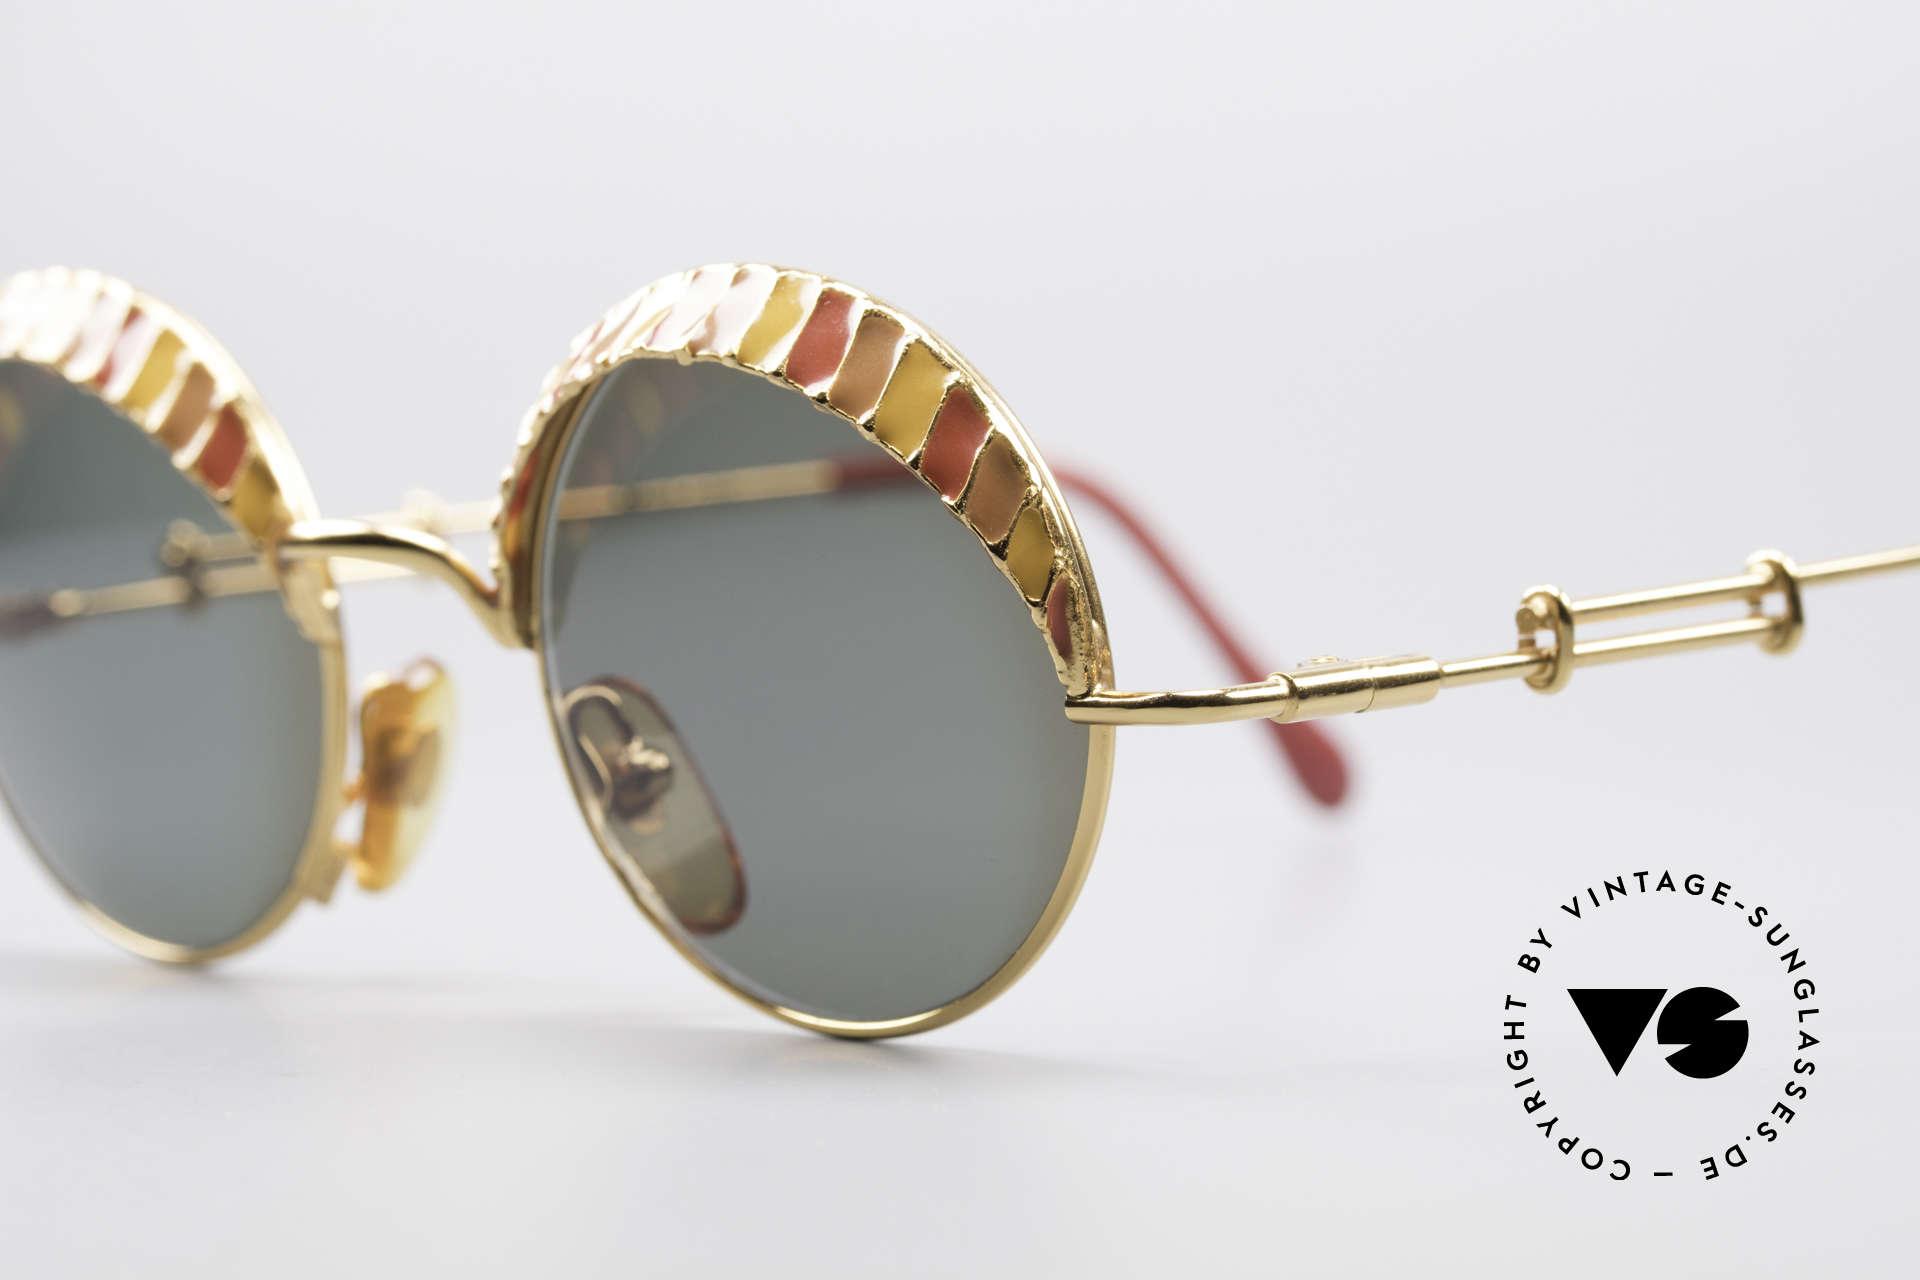 Casanova Arché 4 Limited Gold Plated Brille, Sammlerstück in Limitierter Auflage; Nr. 134 von 300, Passend für Herren und Damen